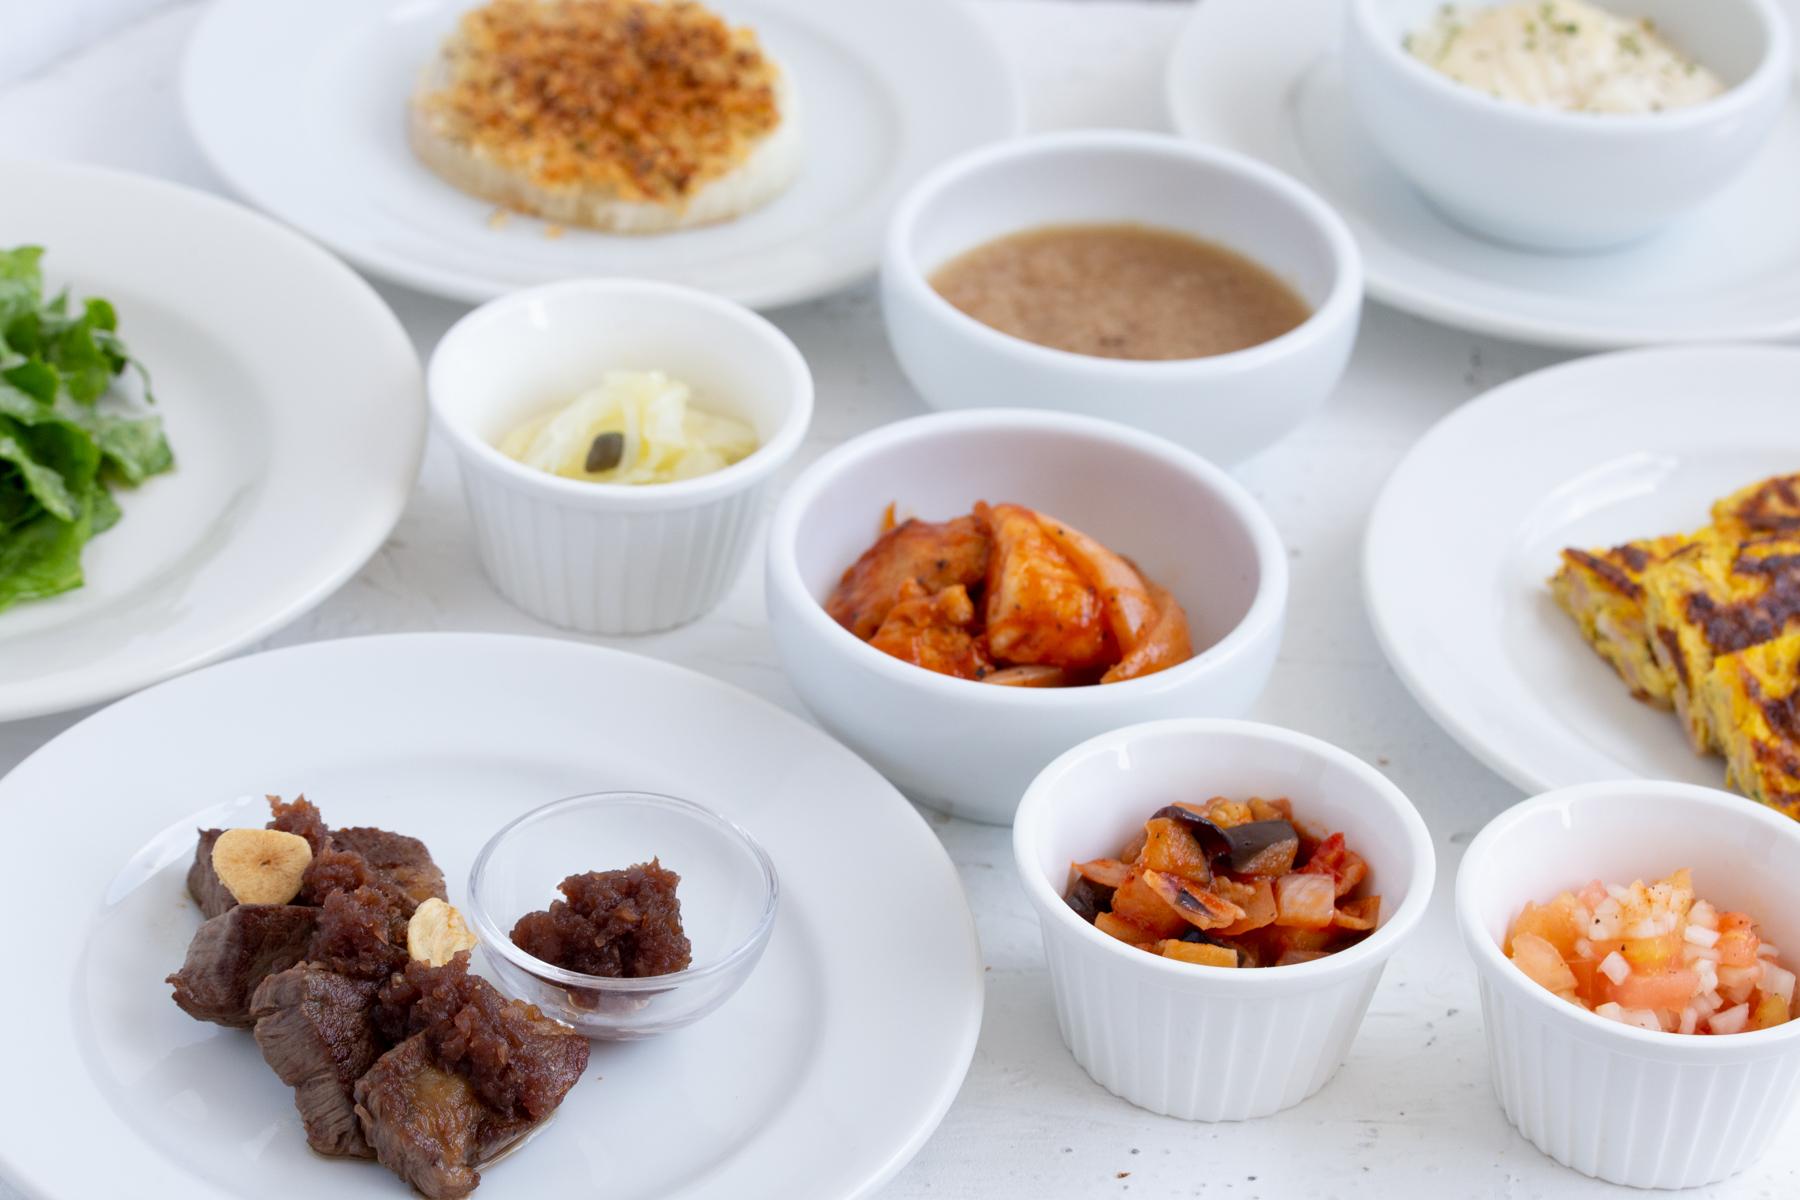 テーマ食材 | 玉ねぎ